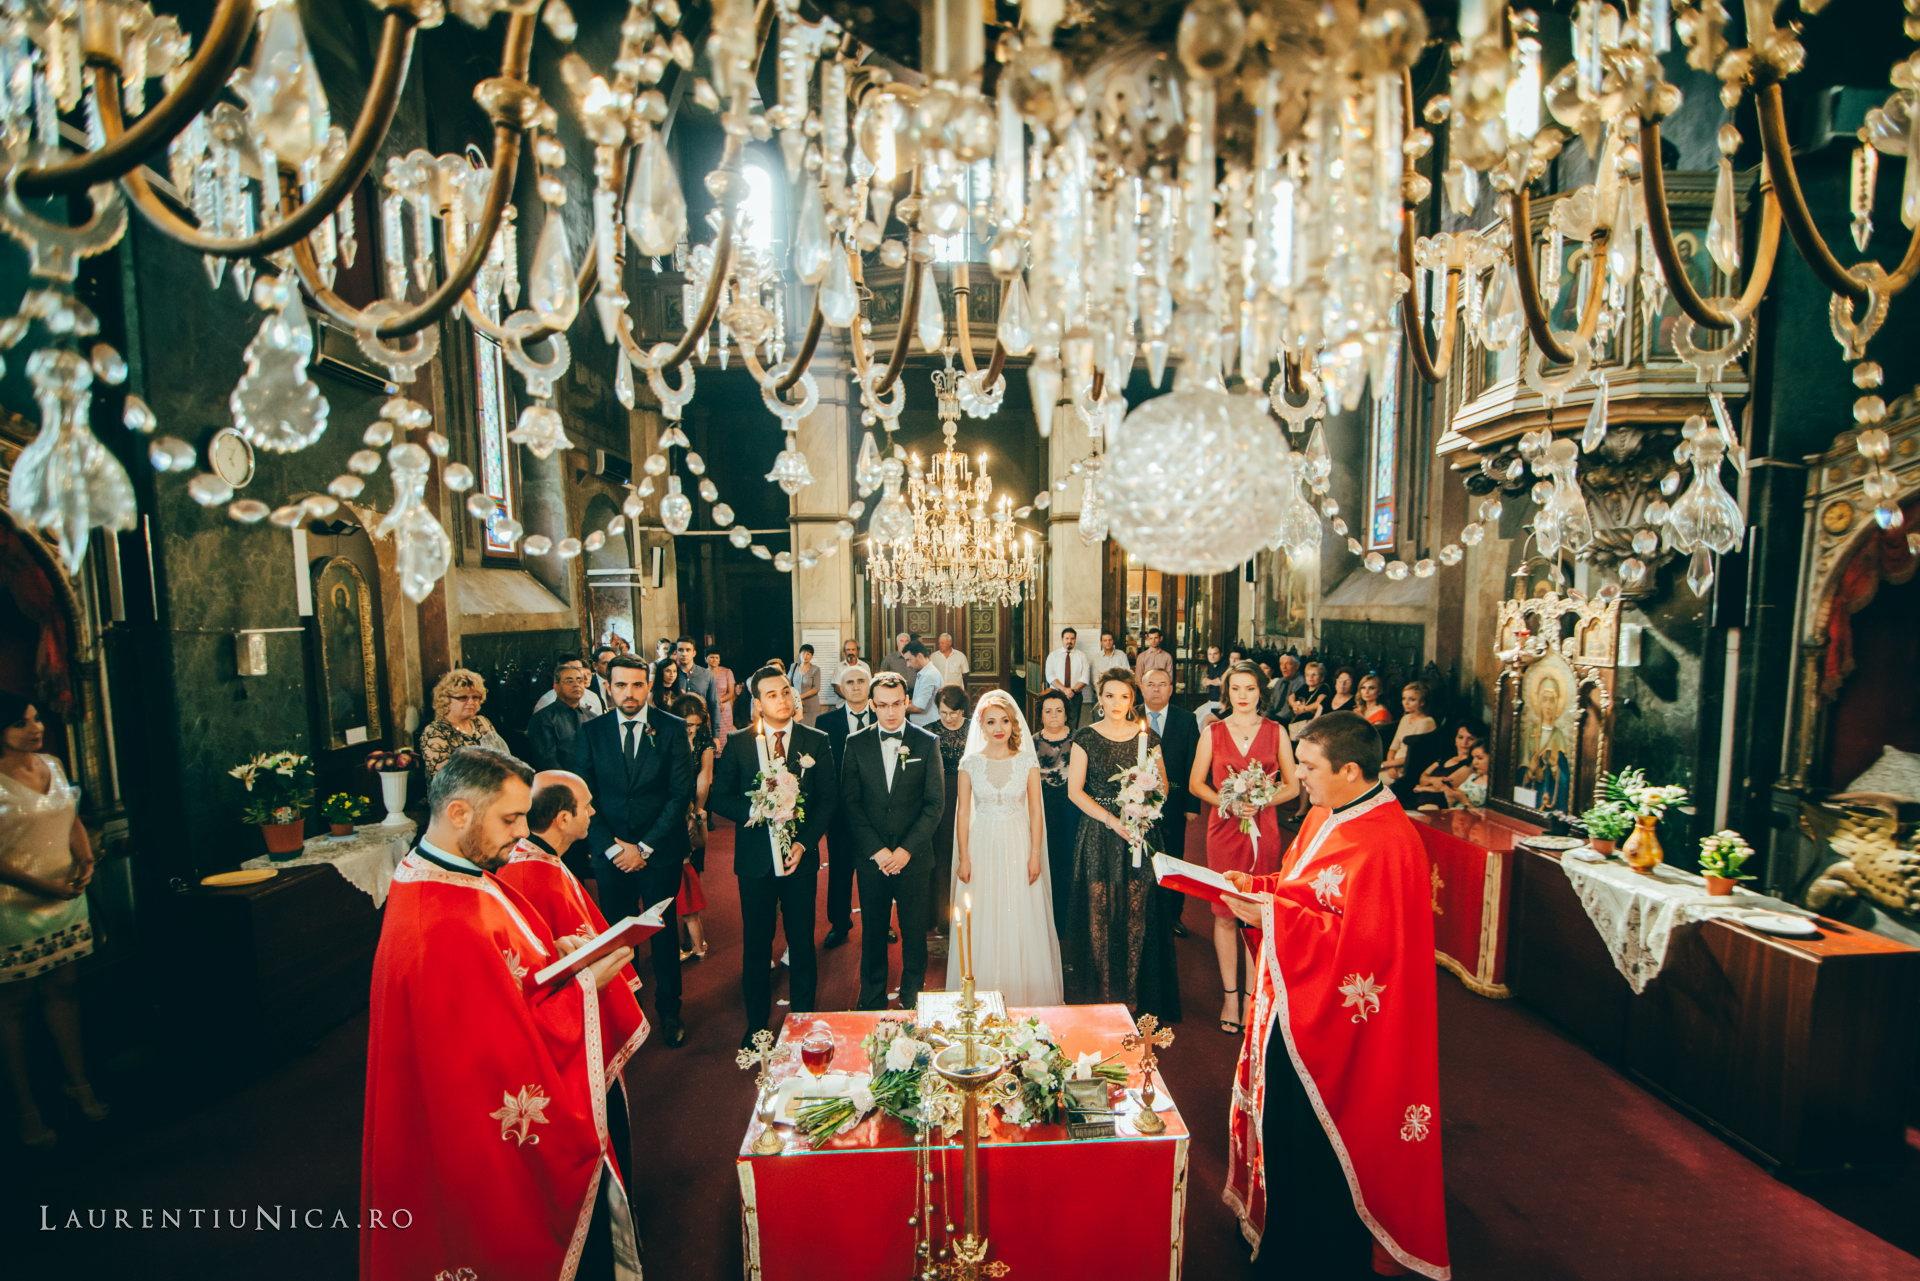 alina si razvan craiova fotograf nunta laurentiu nica39 - Alina & Razvan | Fotografii nunta